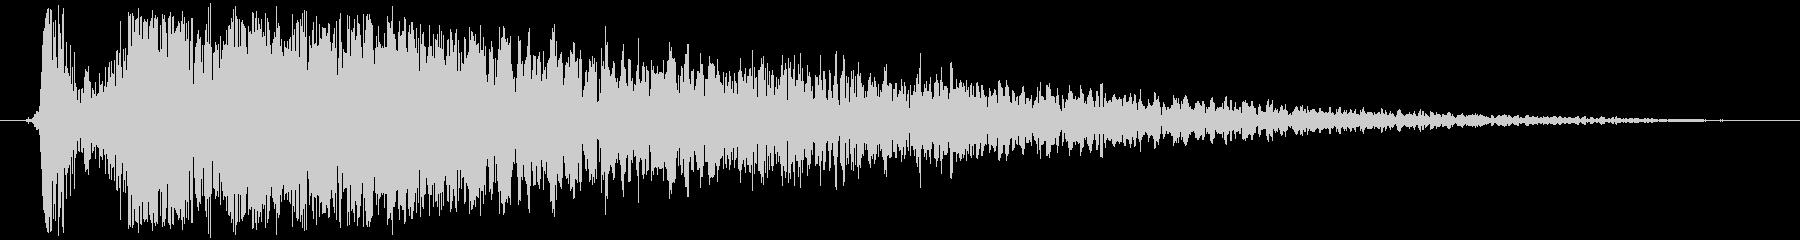 火 スペルファイアキャストラージ02の未再生の波形